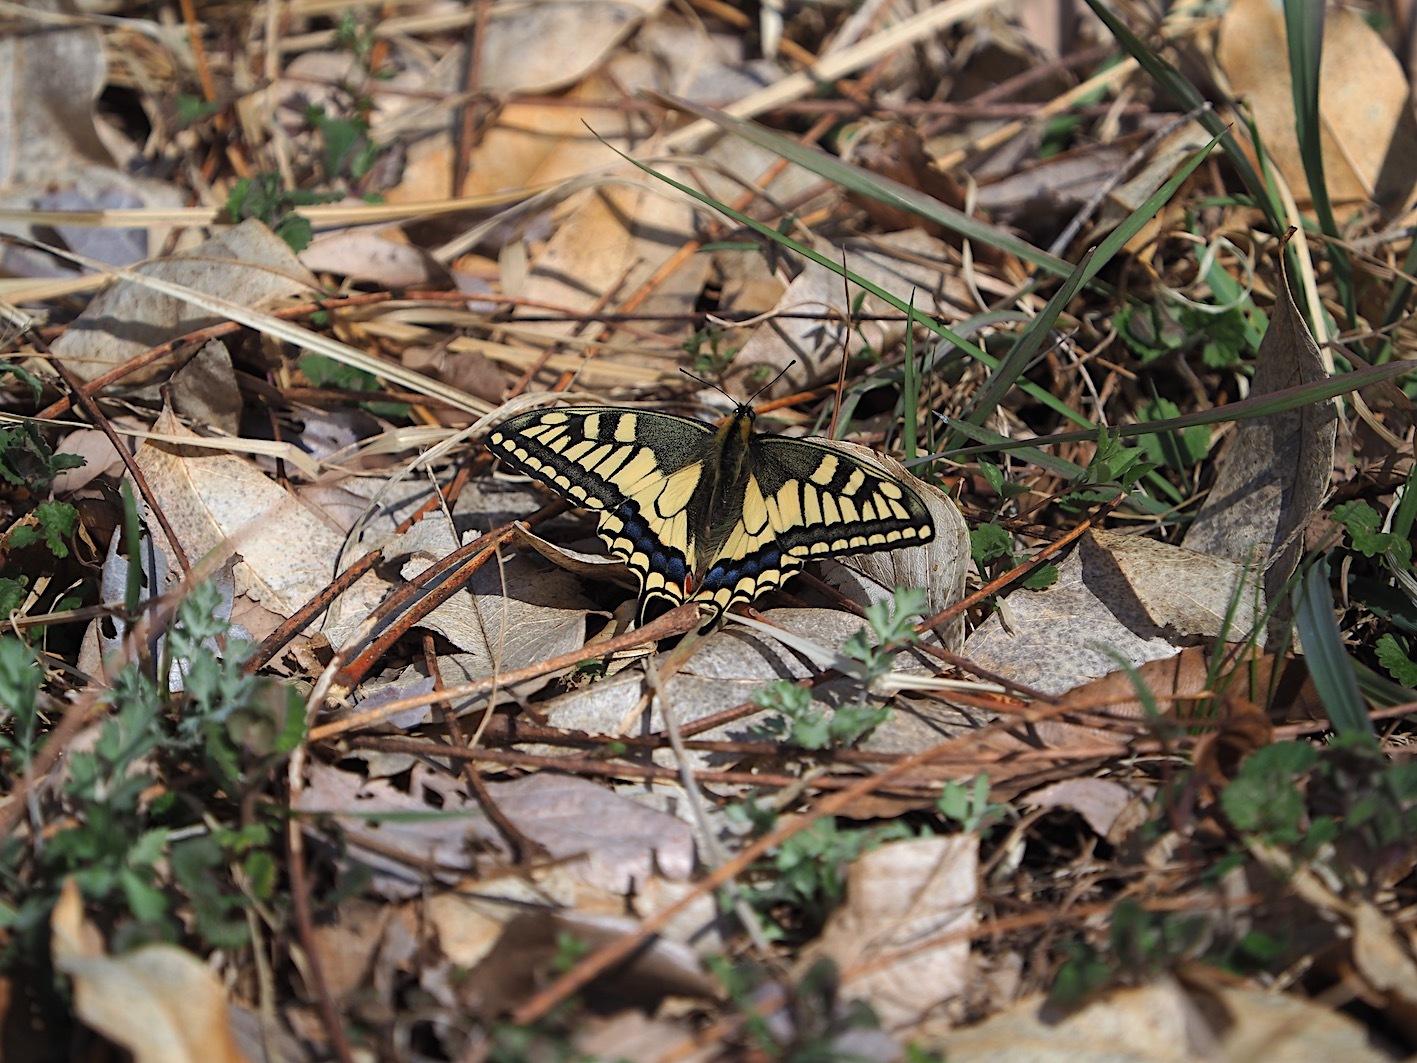 越冬蝶2種と新生蝶4種(2021年3月23日)_d0303129_10162419.jpg